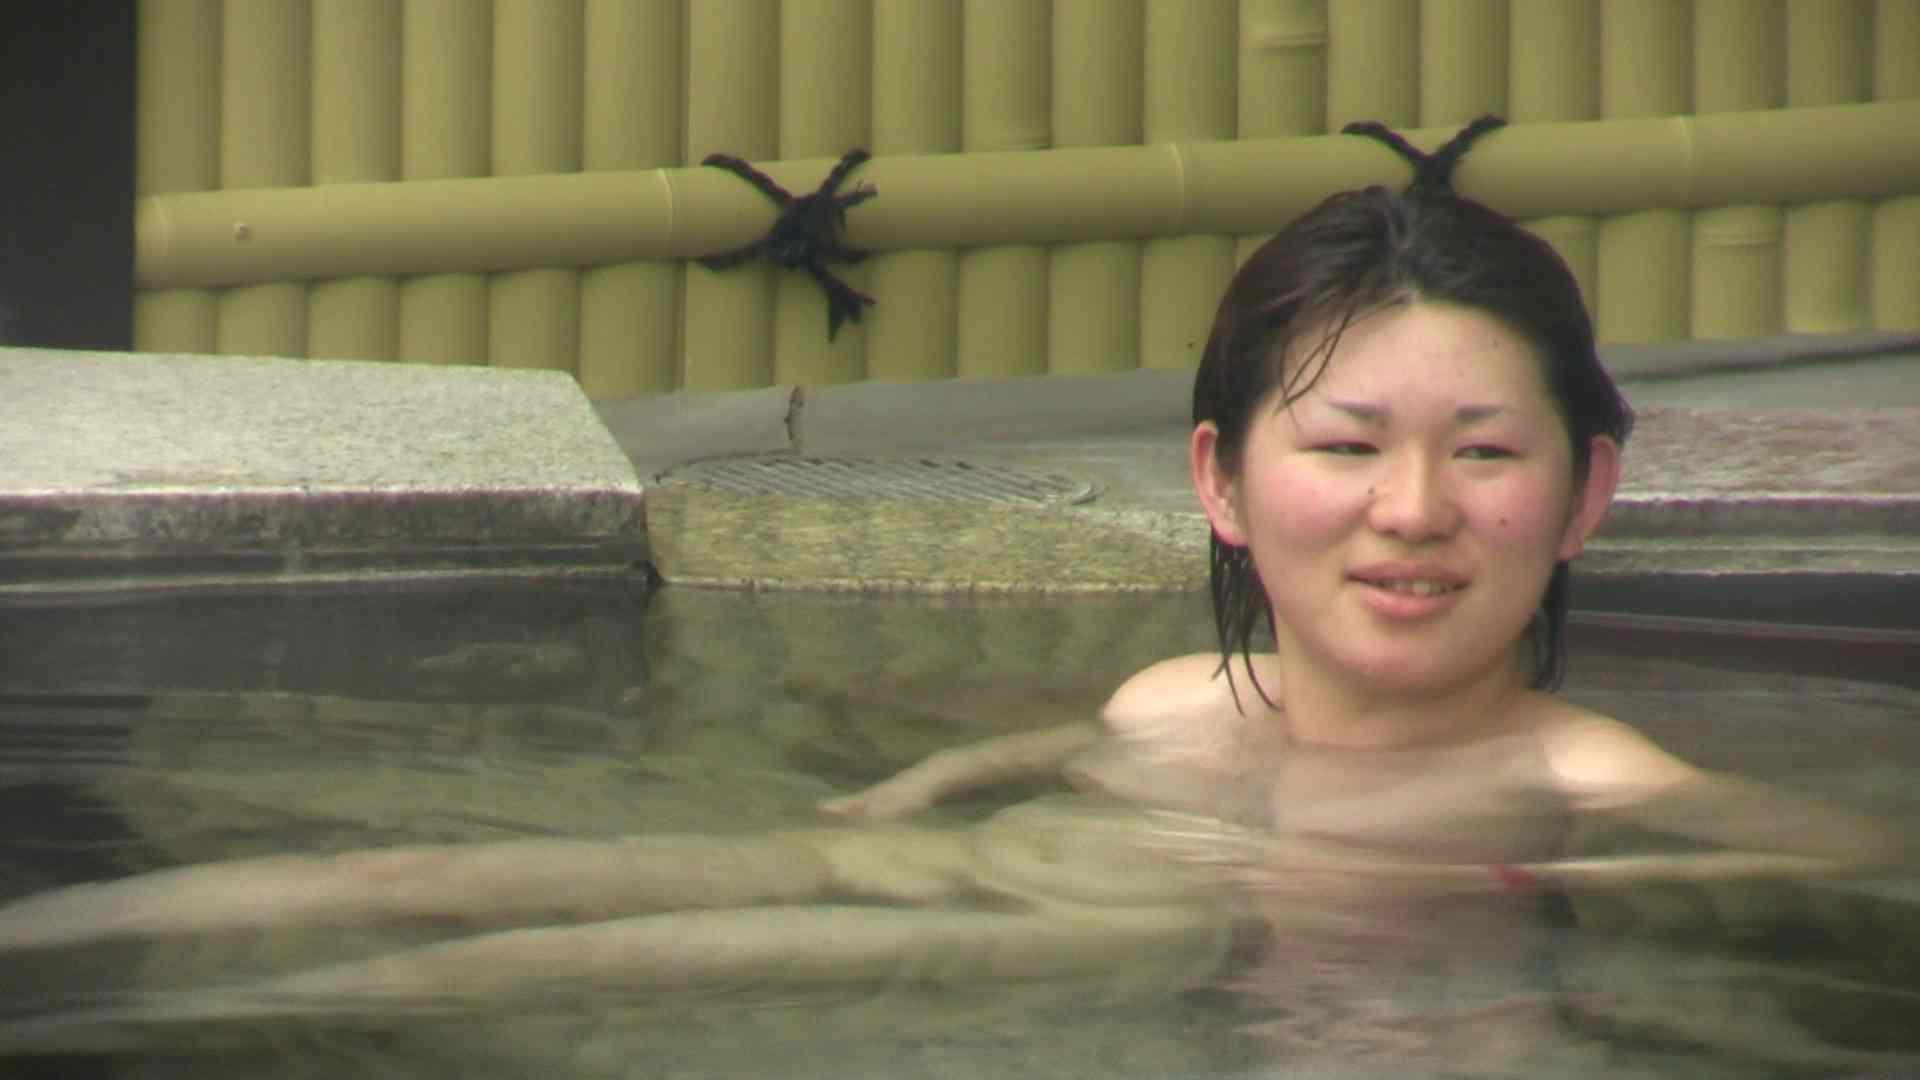 Aquaな露天風呂Vol.673 露天 盗み撮り動画キャプチャ 104PICs 80